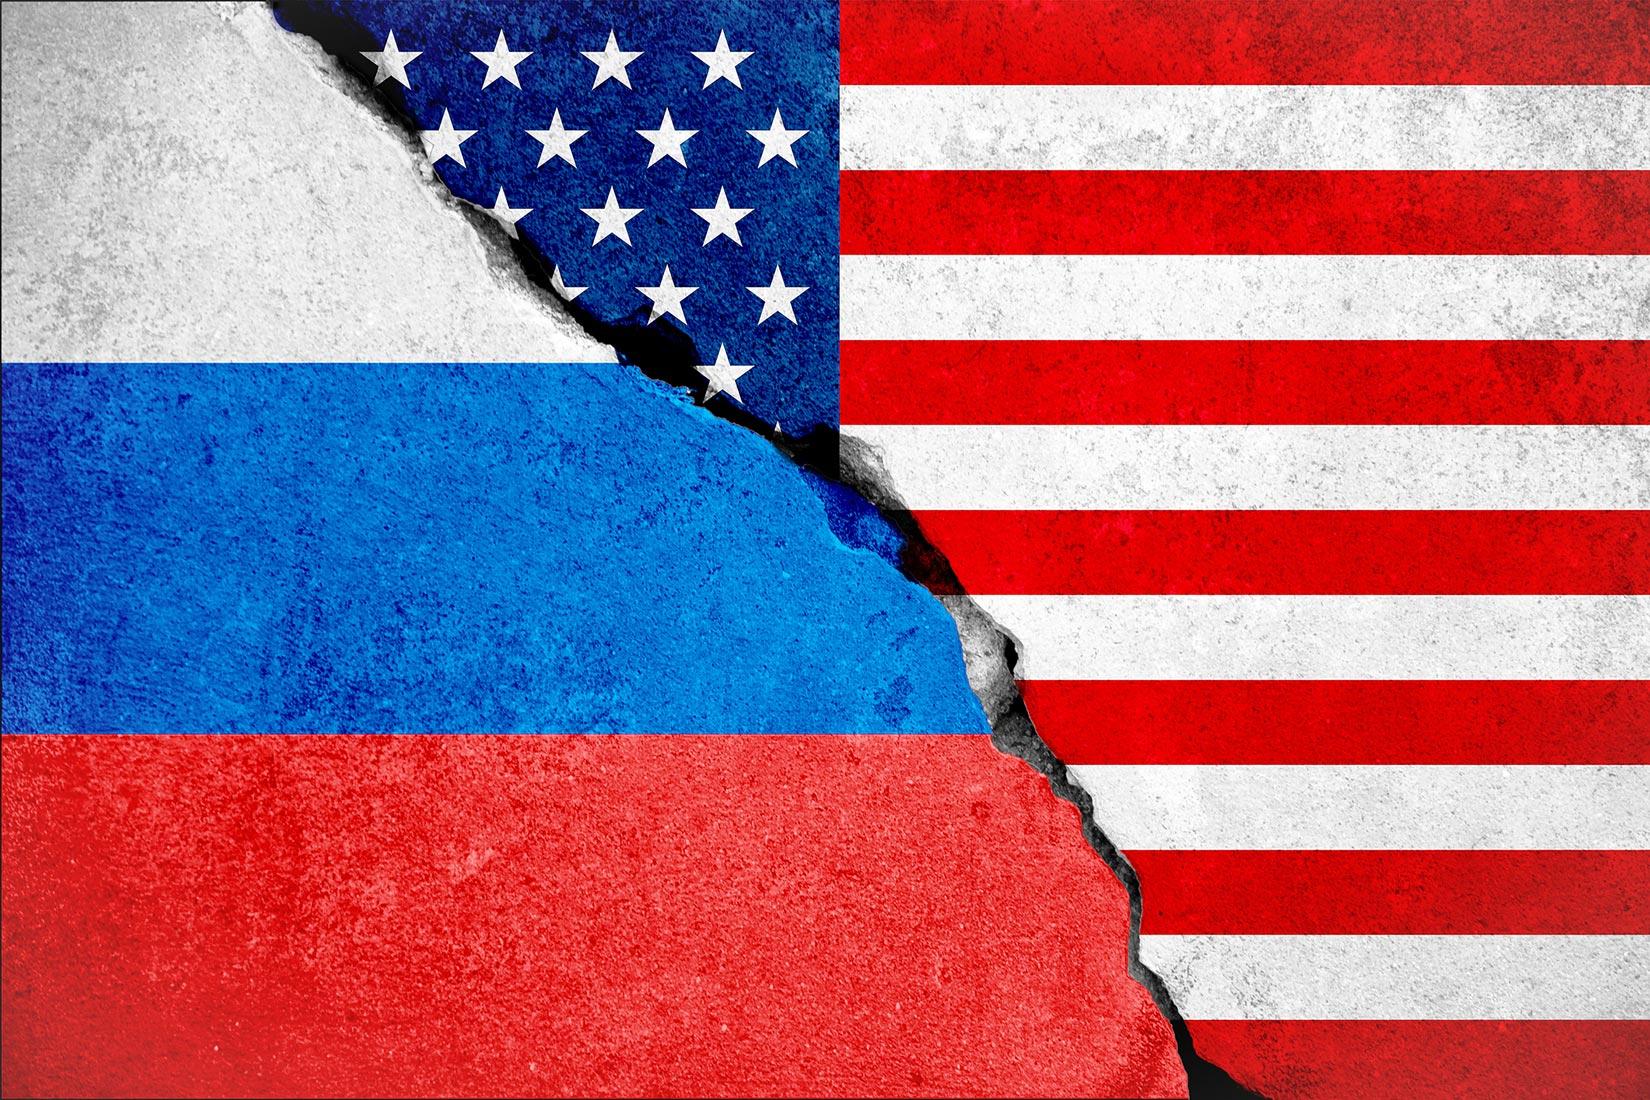 「多極世界」をめざすプーチン・ロシア